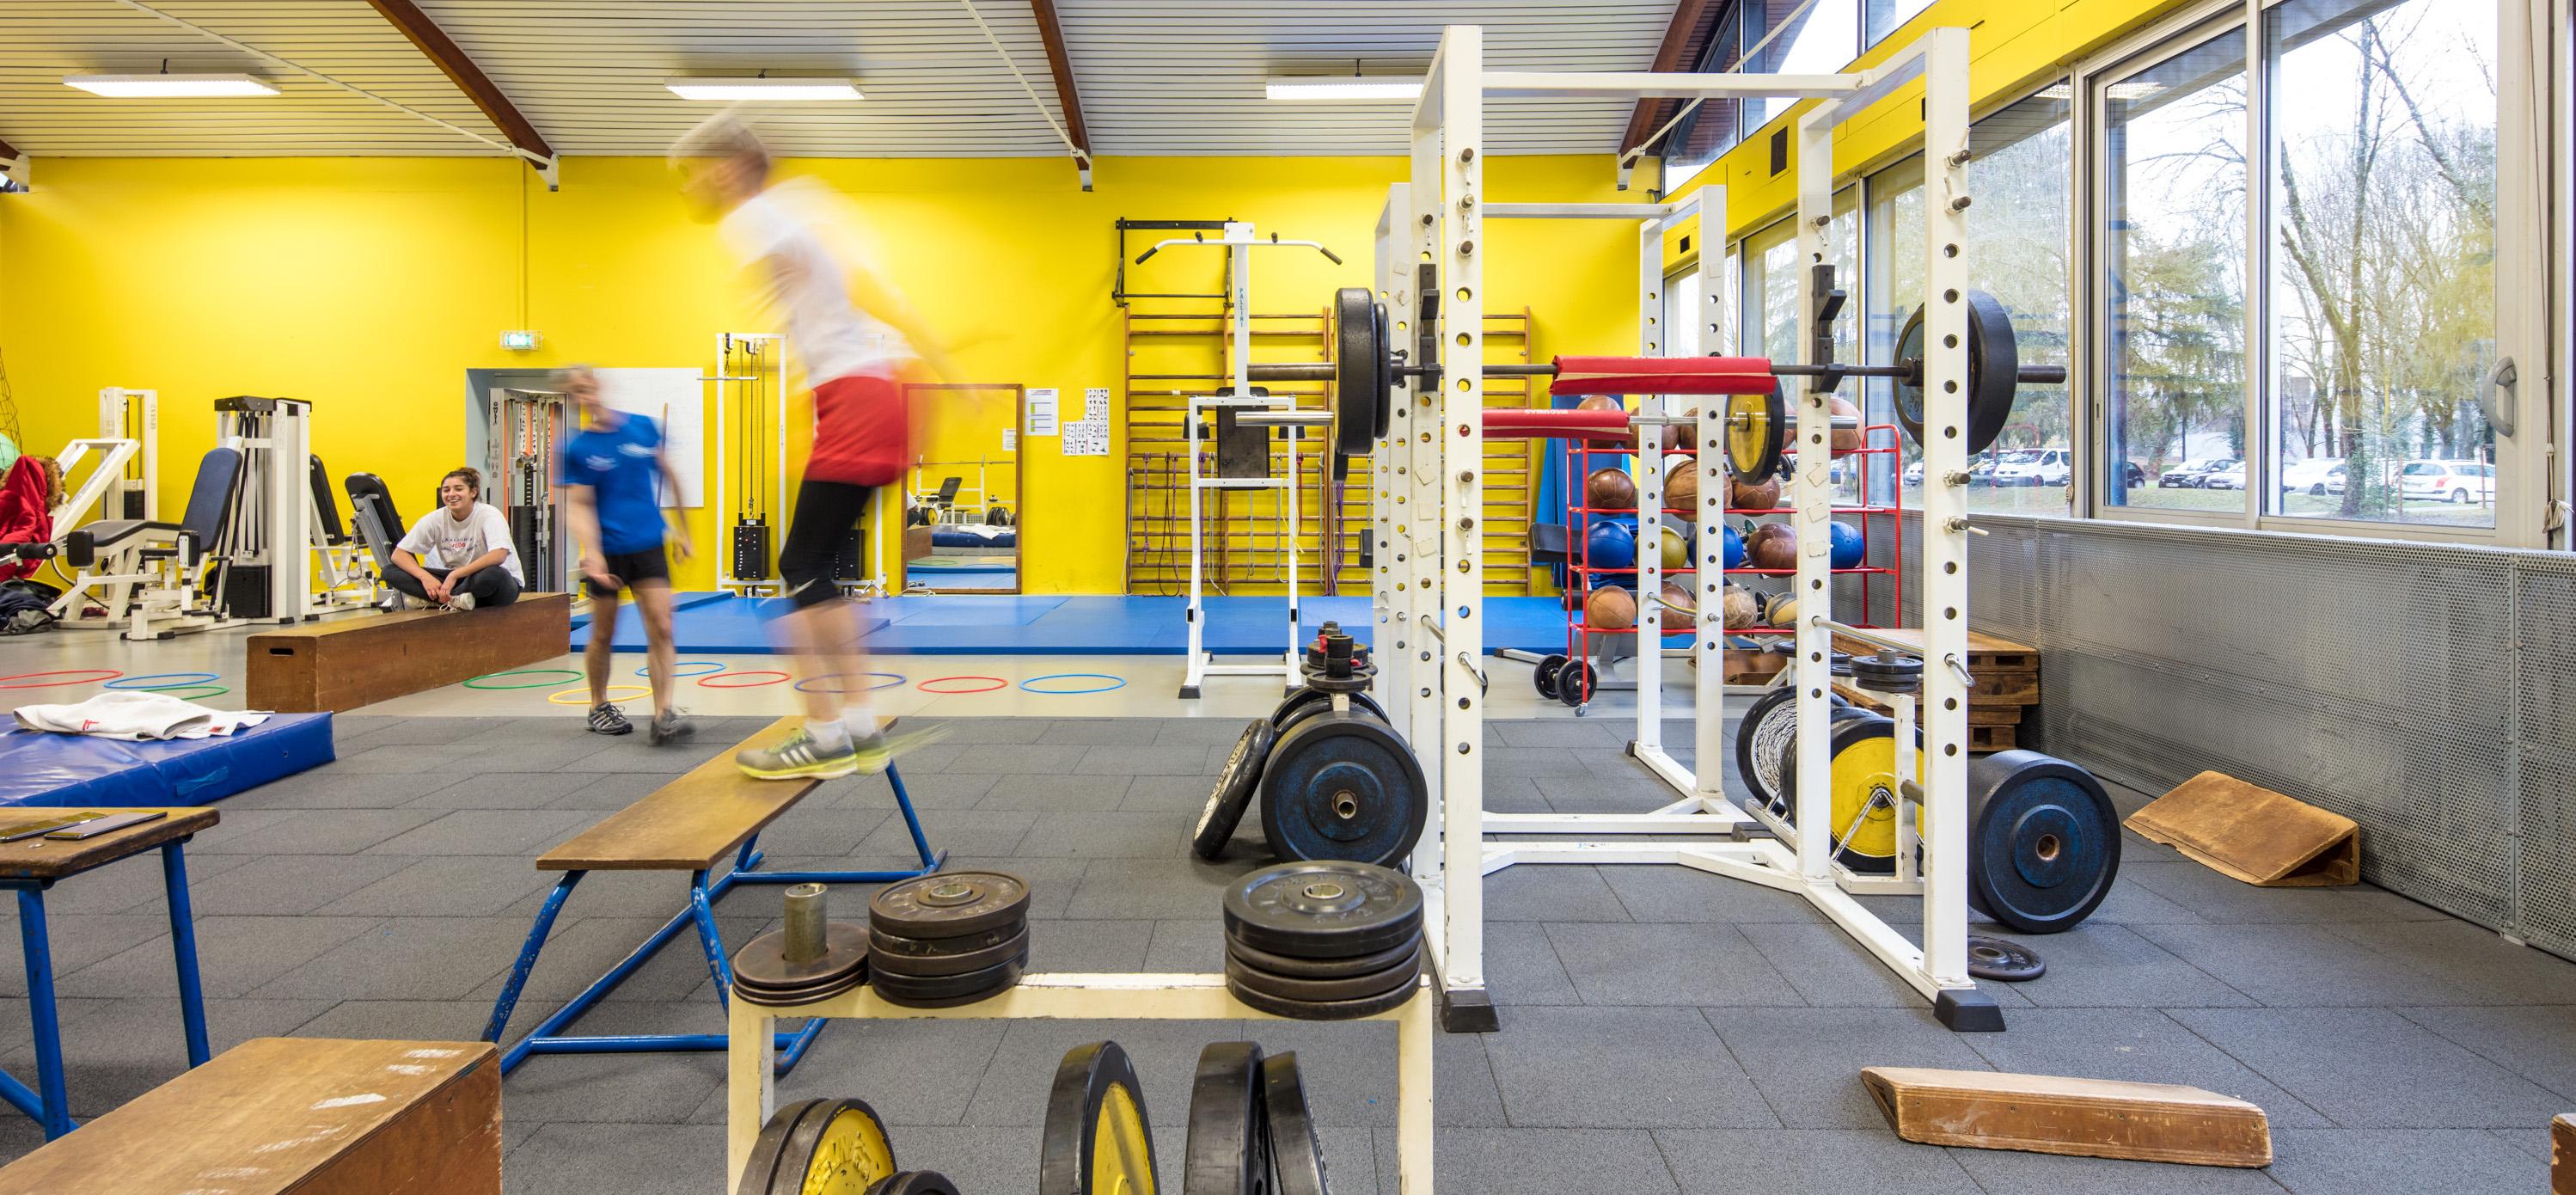 Service Universitaire Des Activites Physiques Et Sportives Suaps